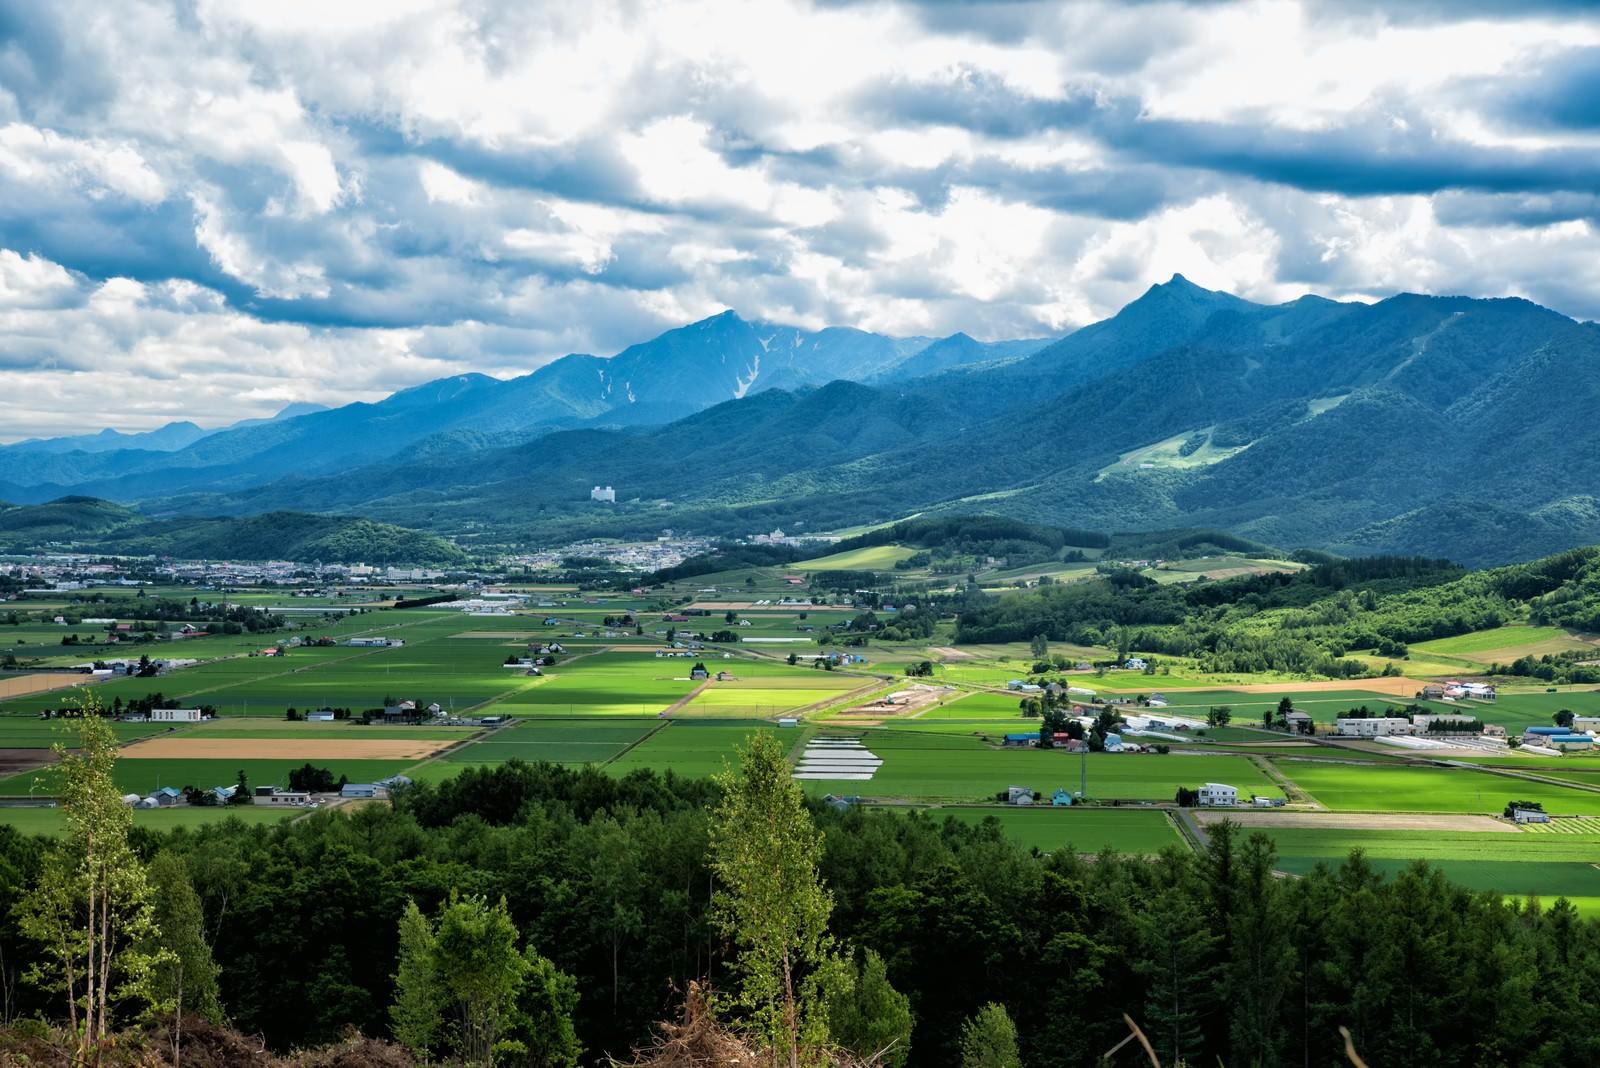 「富良野にある山の麓の田舎町」の写真